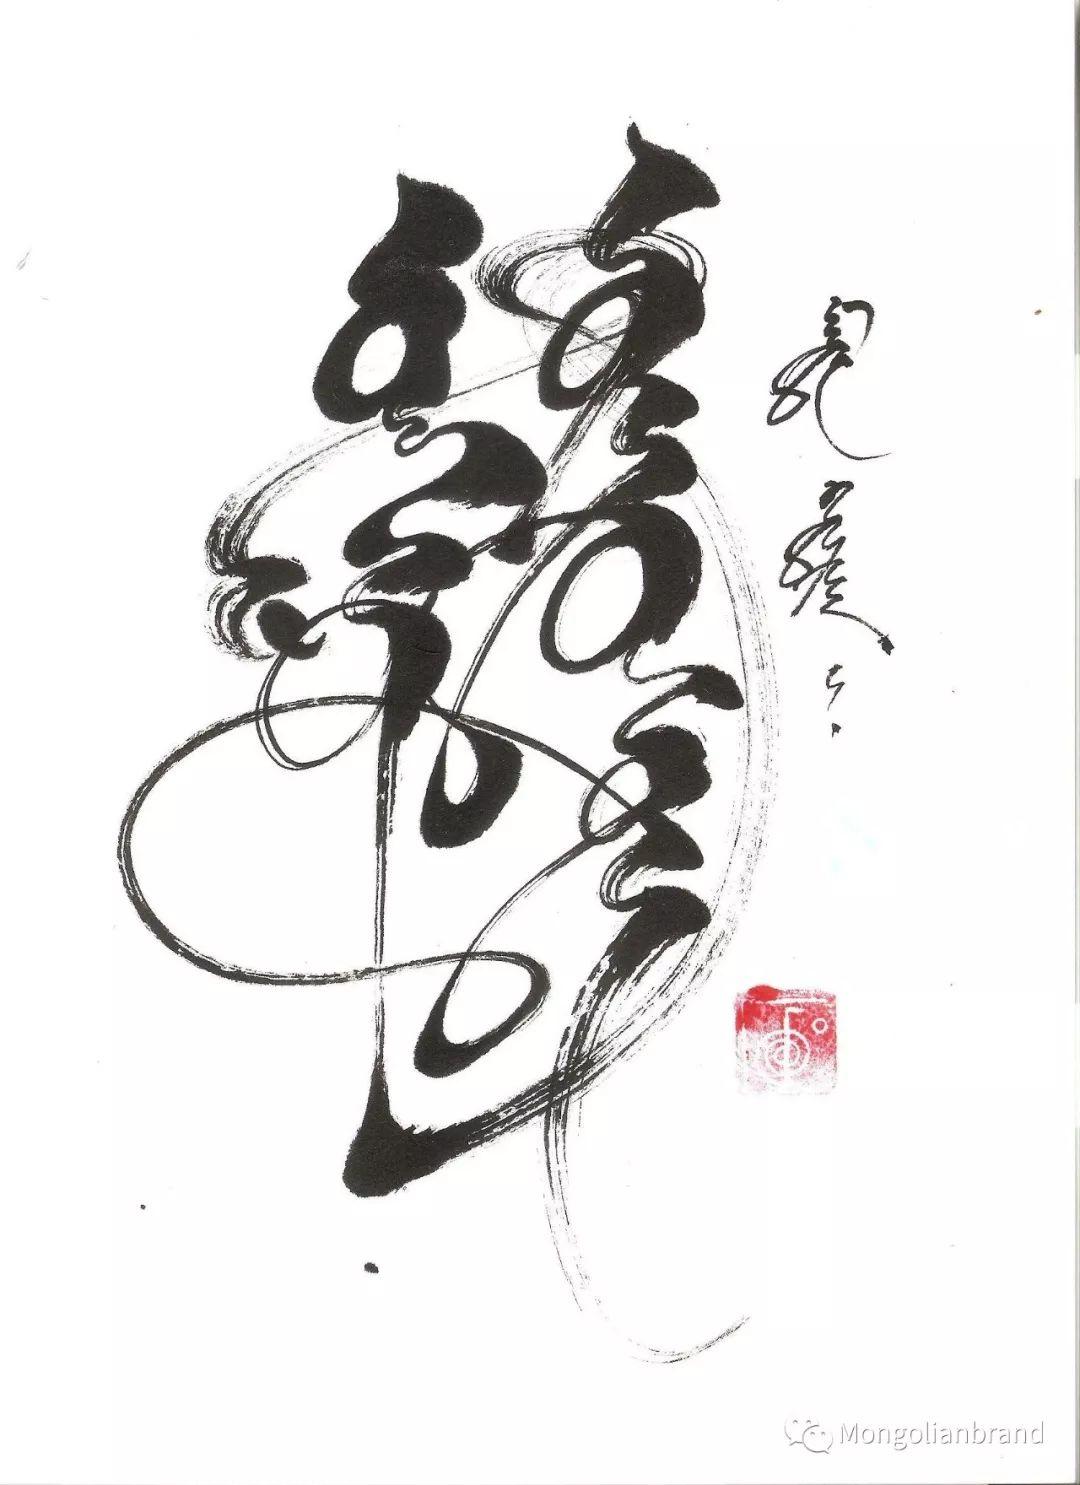 同样是竖体蒙古文,蒙古国的书法与我们不一样【组图】 第4张